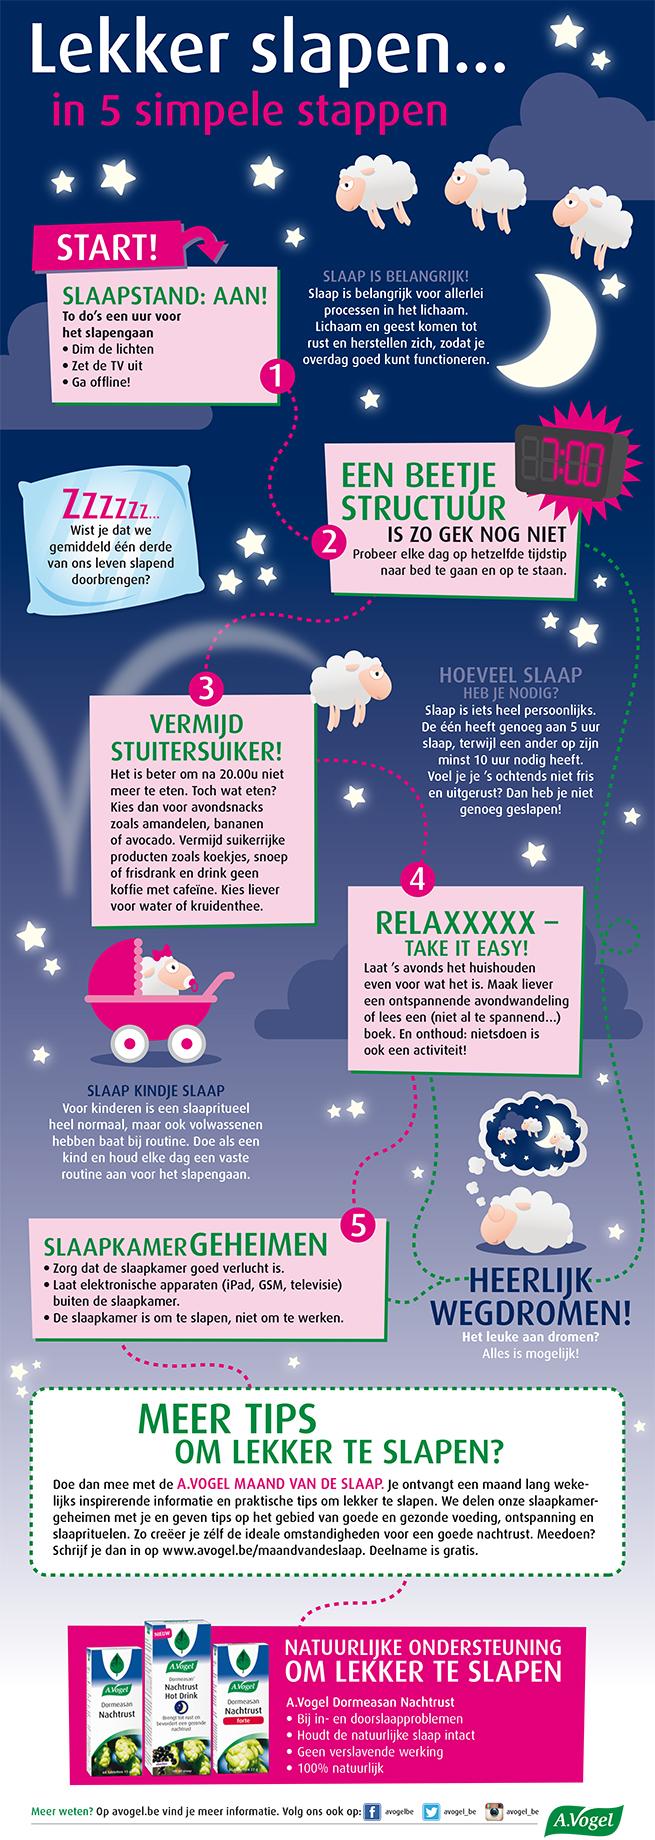 Lekker slapen in 5 simpele stappen